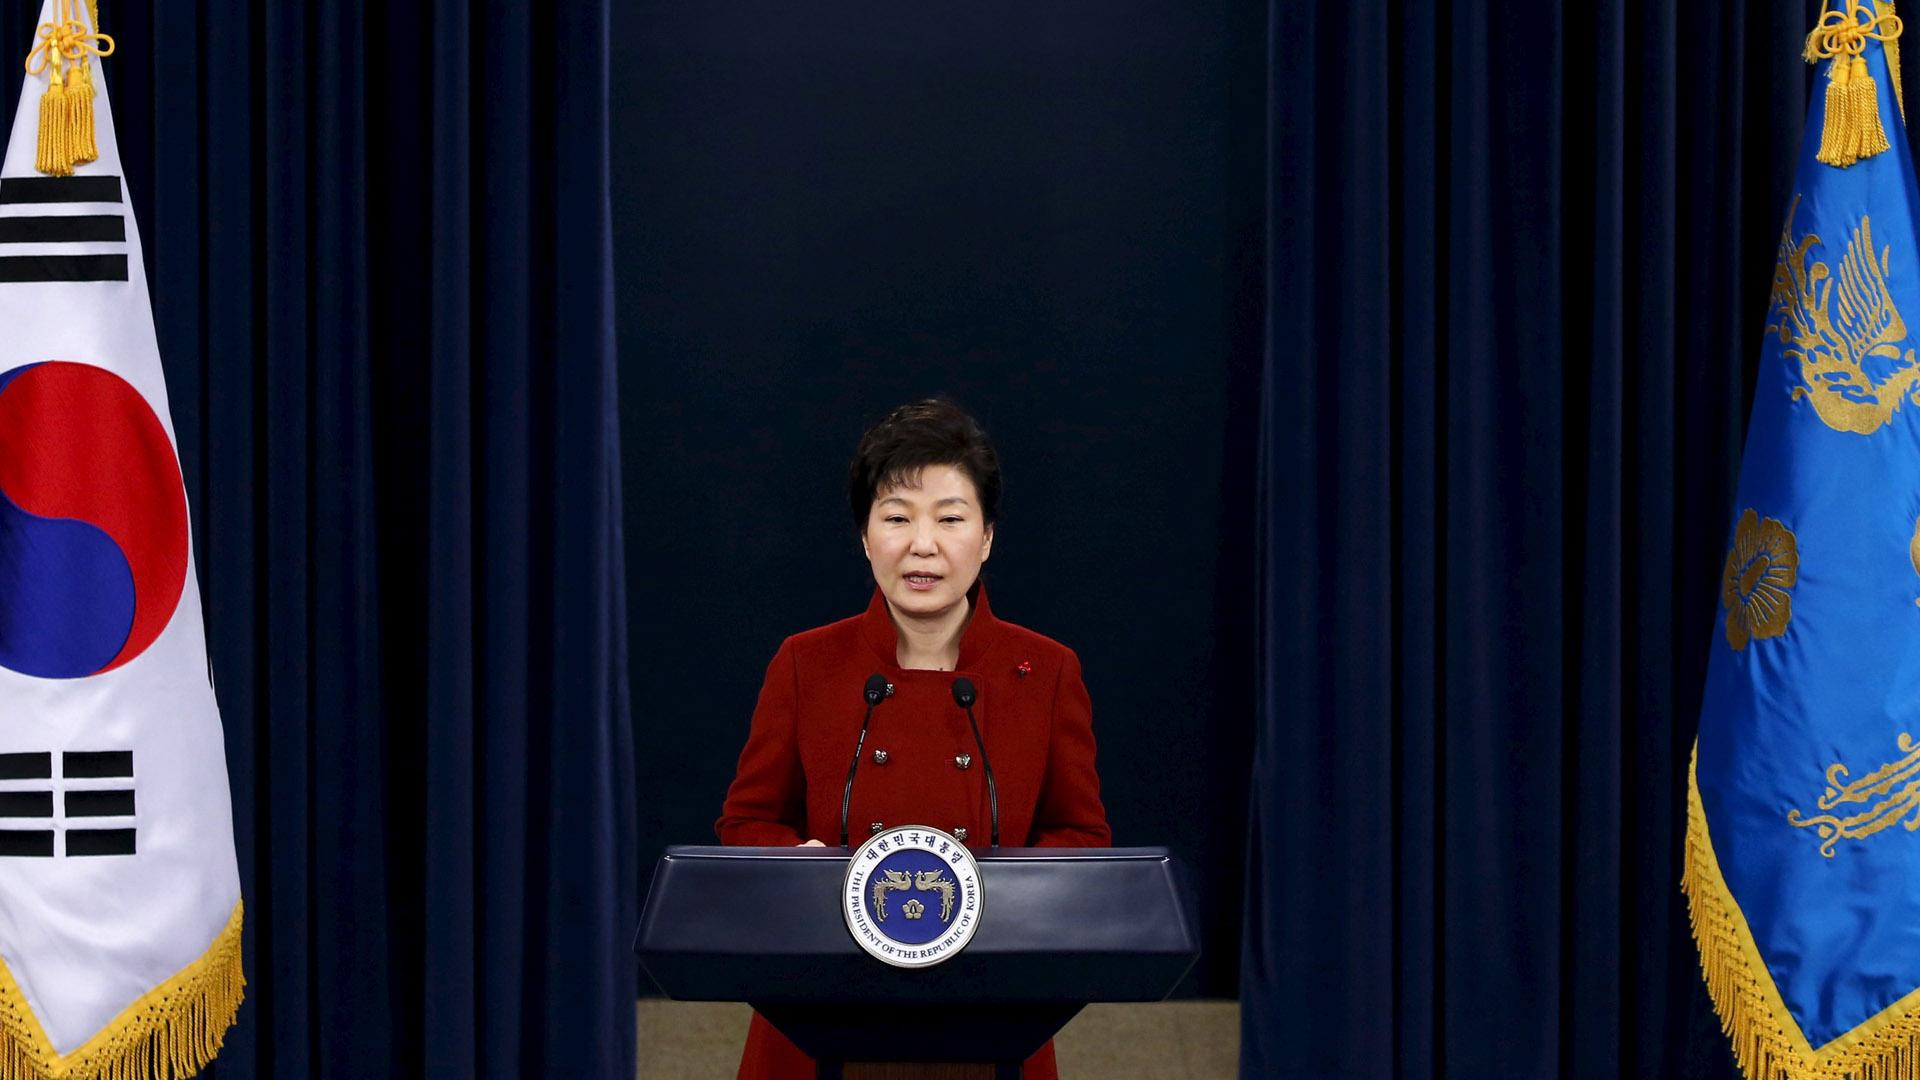 La presidenta surcoreana, Park Geun-hye, pidió especial apoyo a China y a toda la comunidad internacional